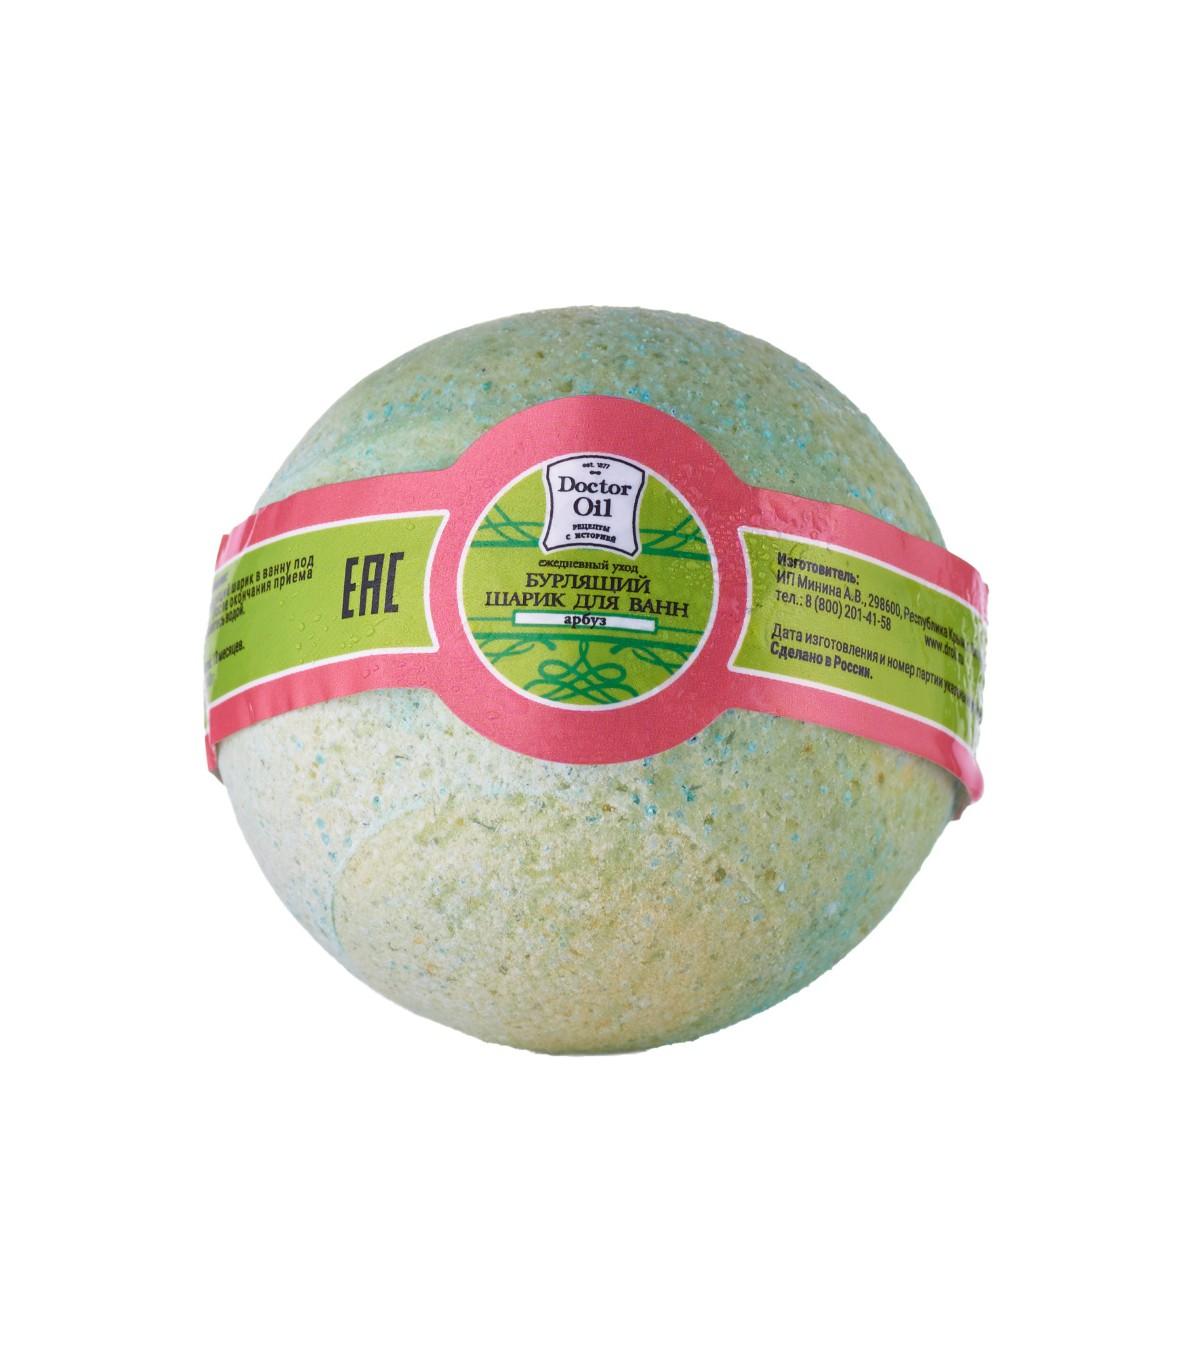 Бурлящий шарик для ванны Арбуз 160 гр.